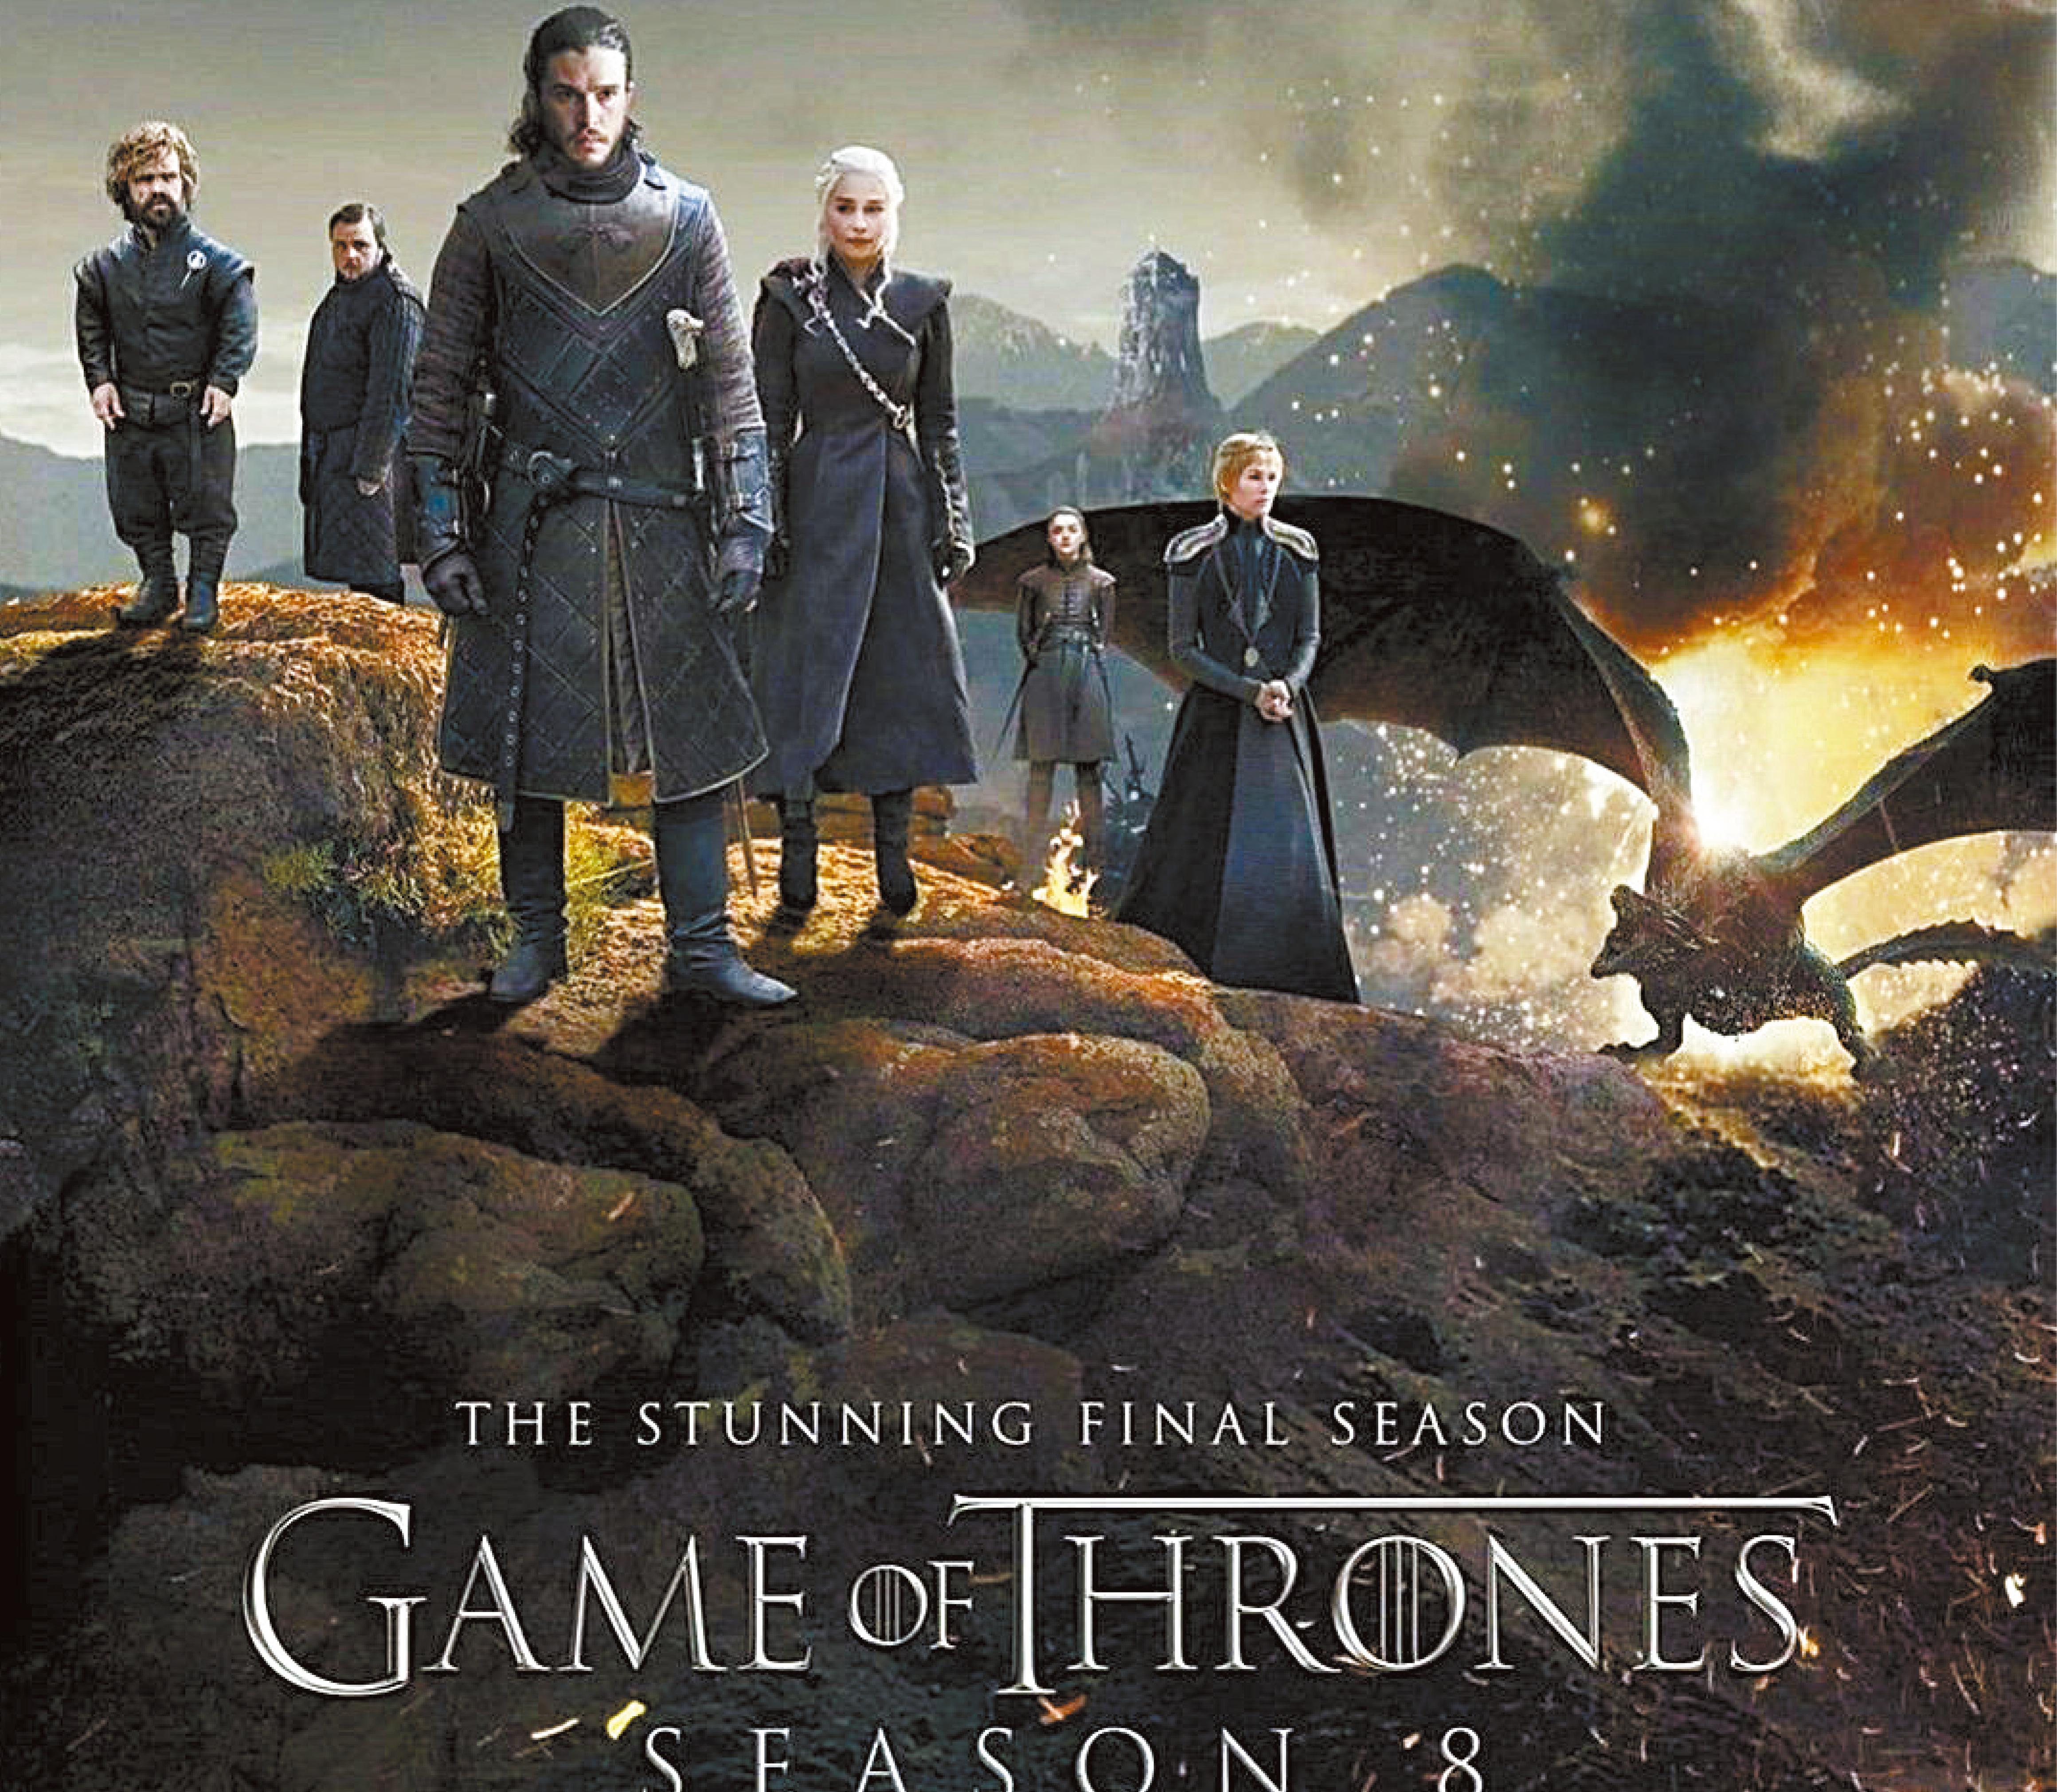 美劇《冰與火之歌:權力的遊戲》大結局延播。圖為該劇海報。網上圖片